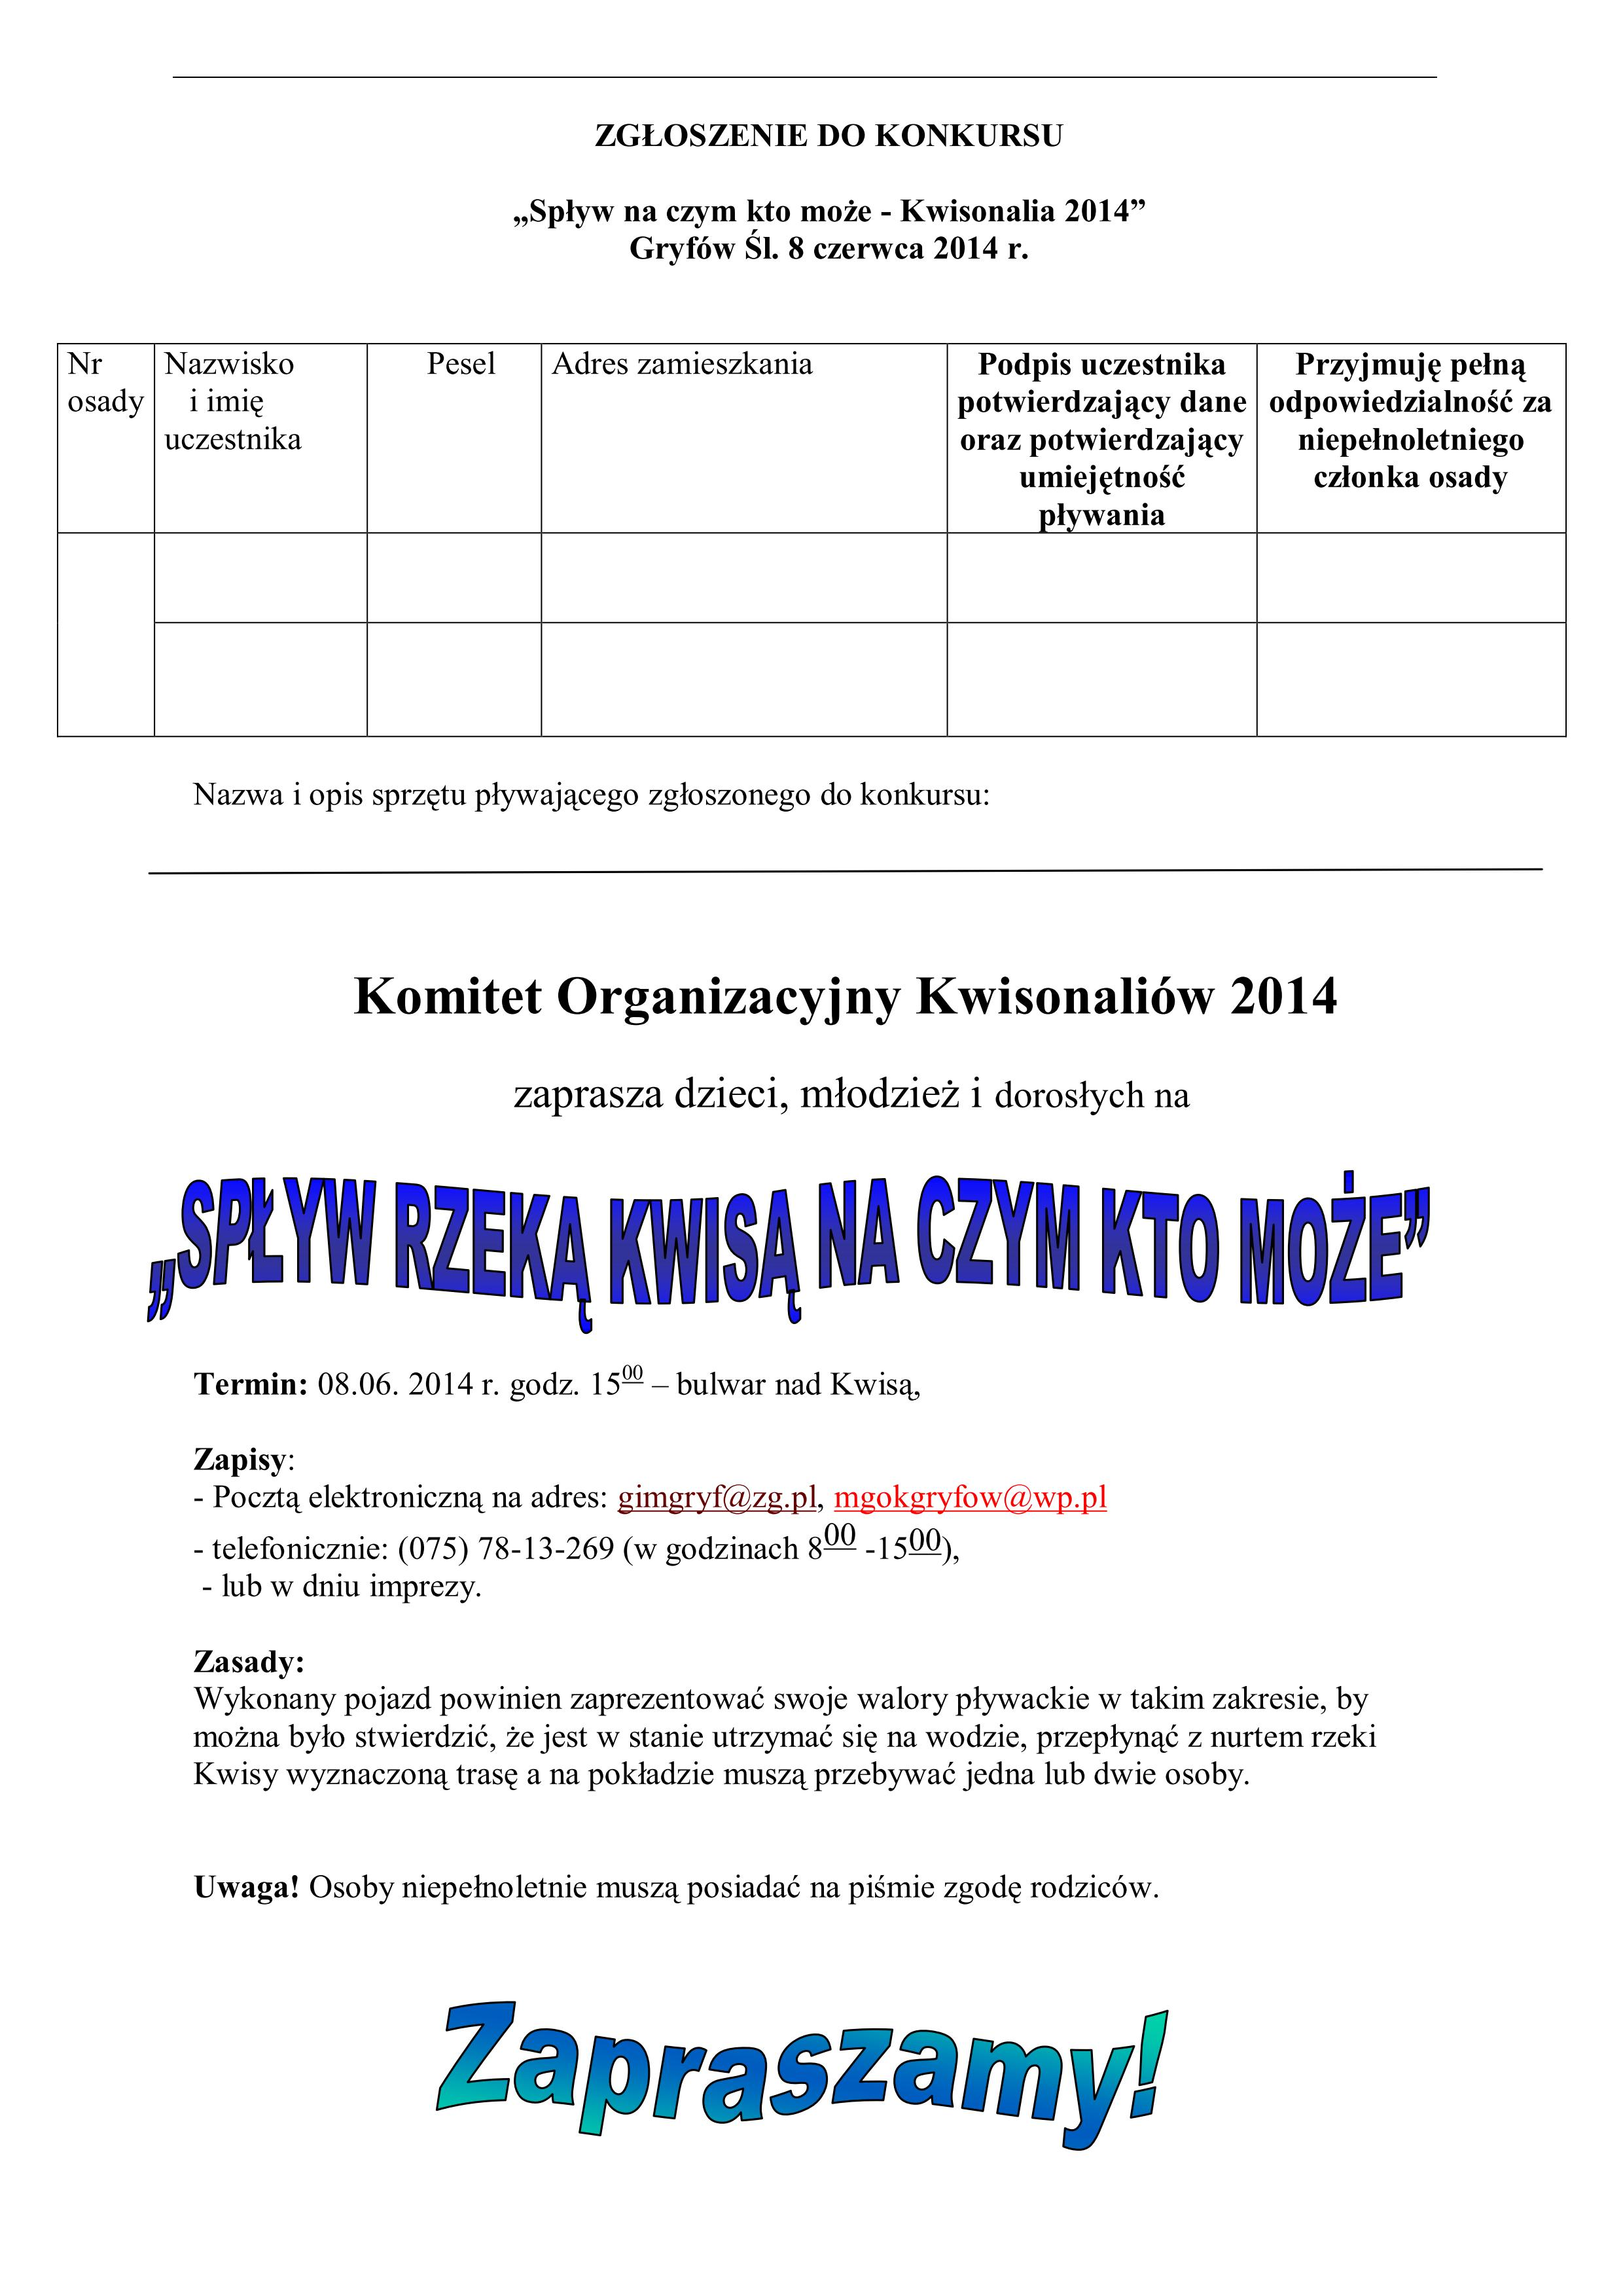 Regulamin_spływu_na_czym_kto_może_2014_wersja_ostate_czna (1)(1)_06